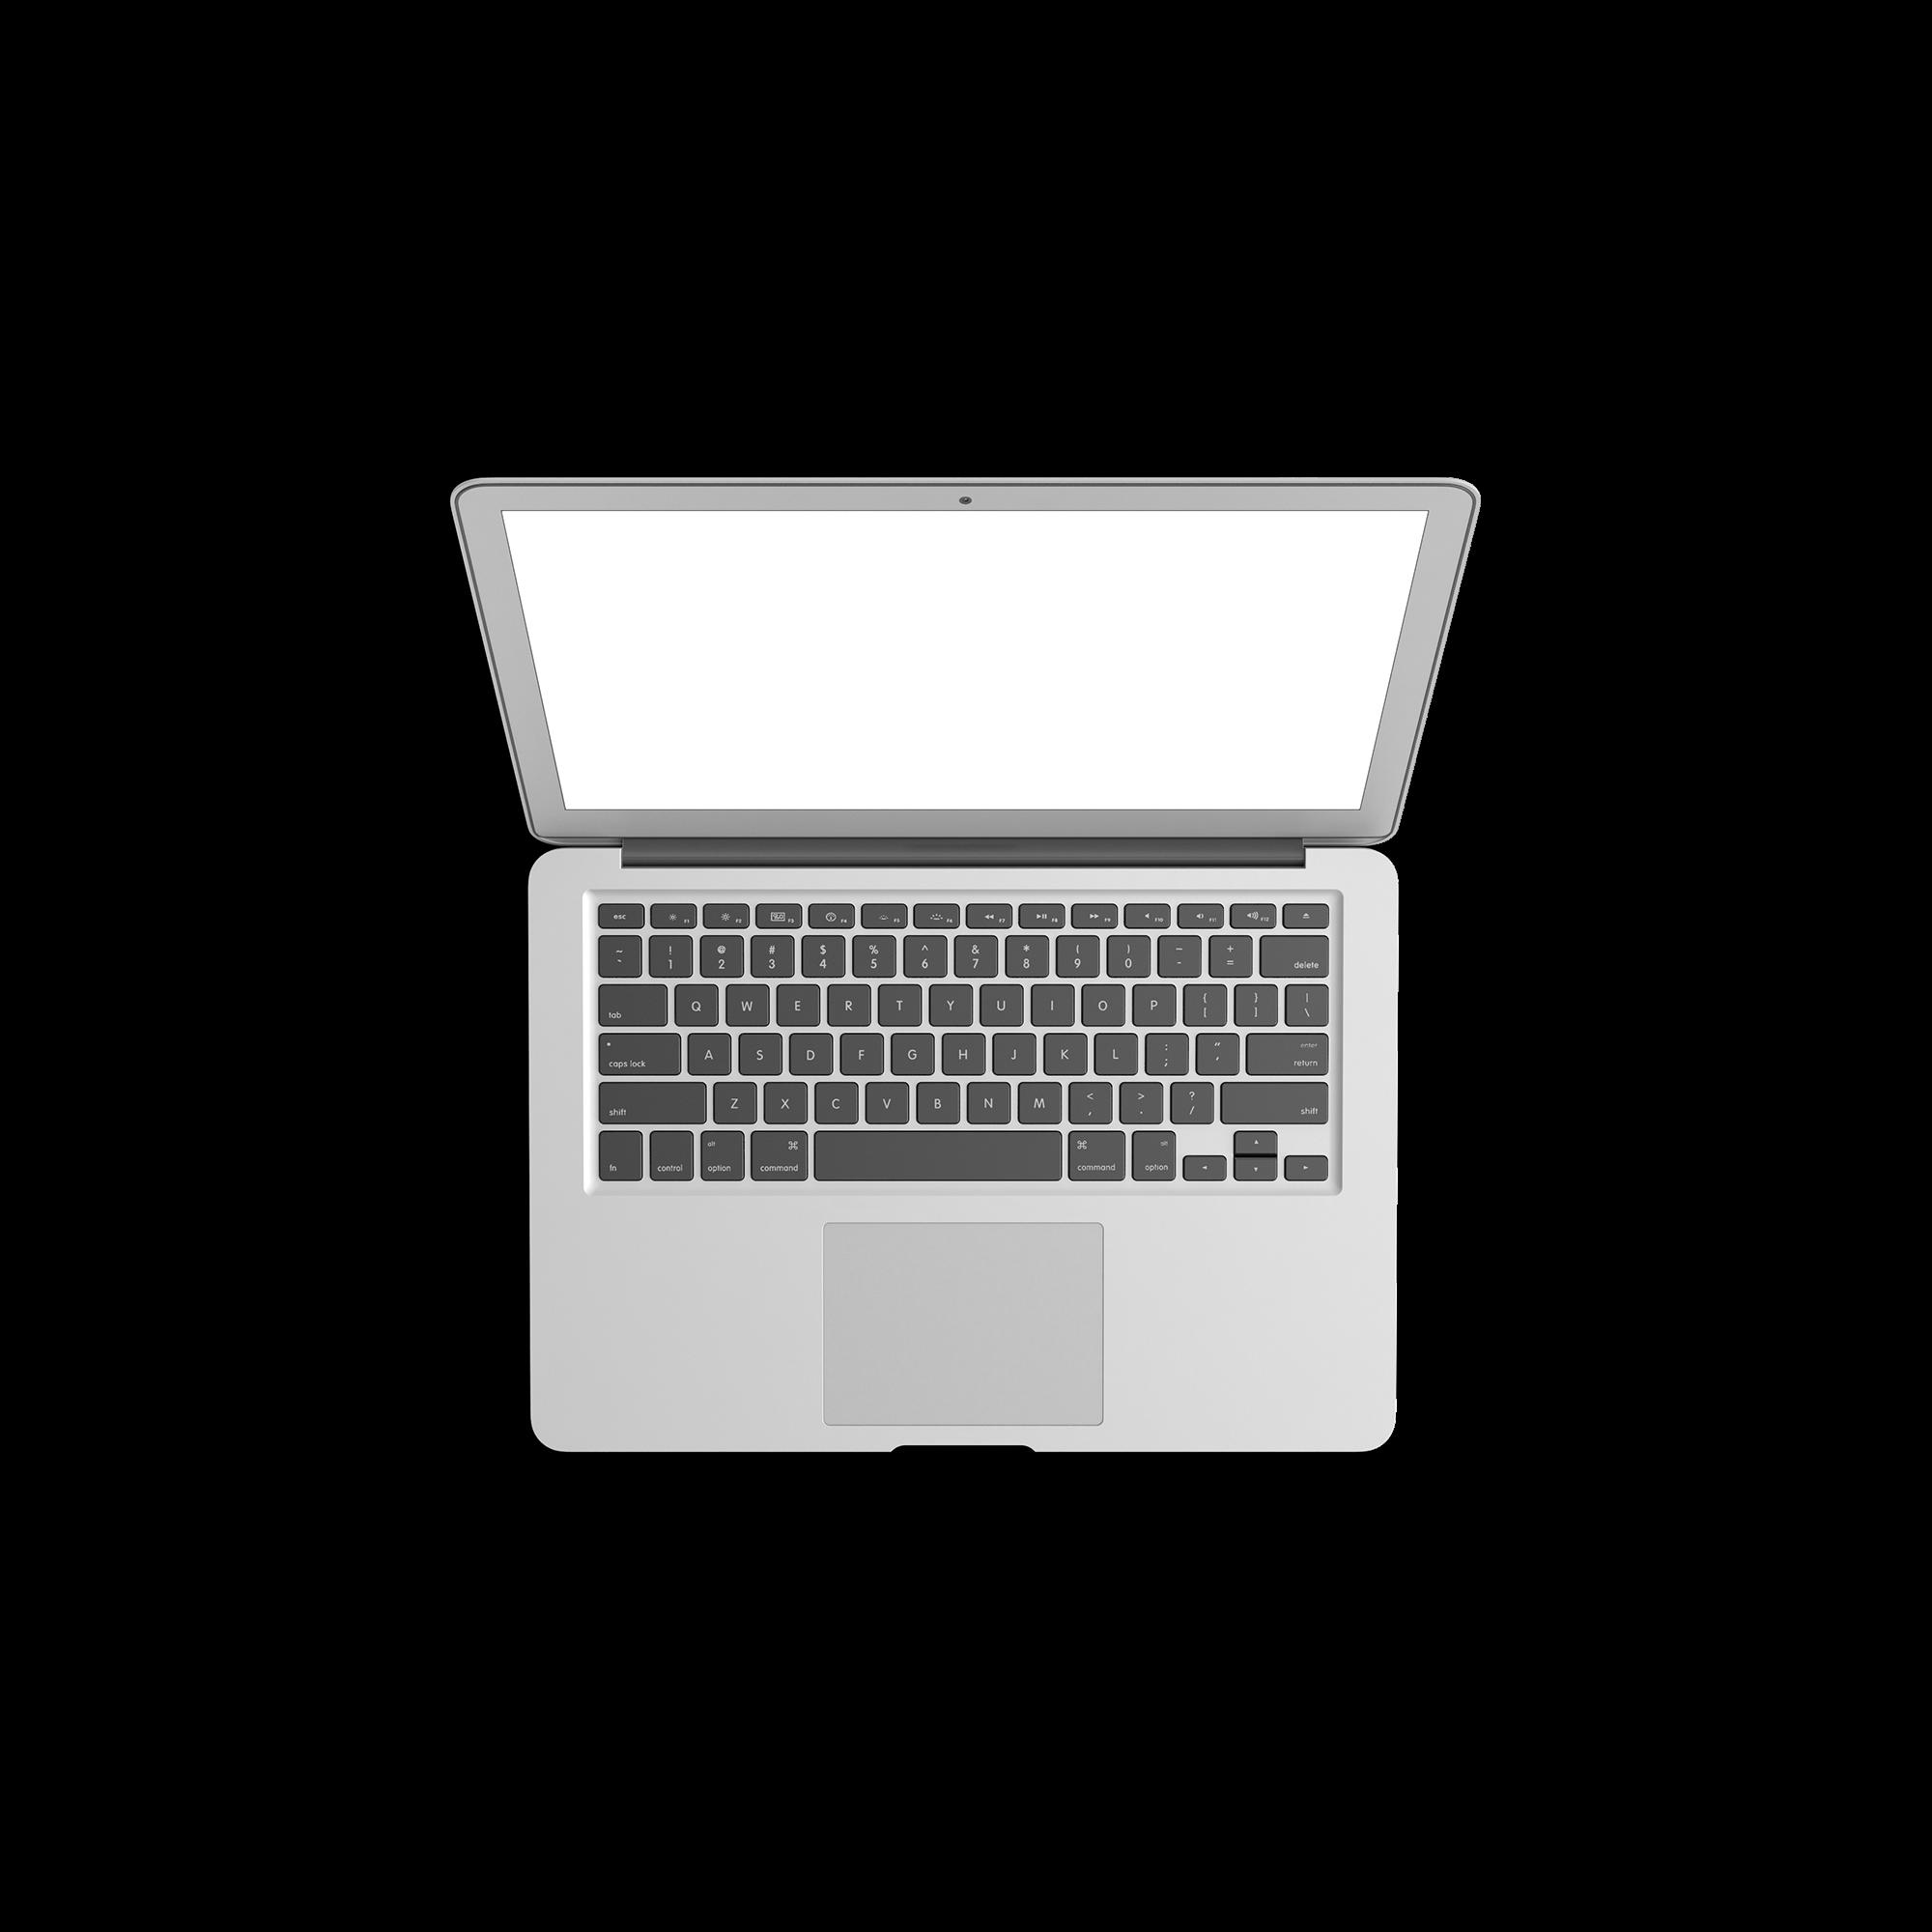 Webdesign, Grafikdesign und Fotografie - die One-Stop-Designwerkstatt